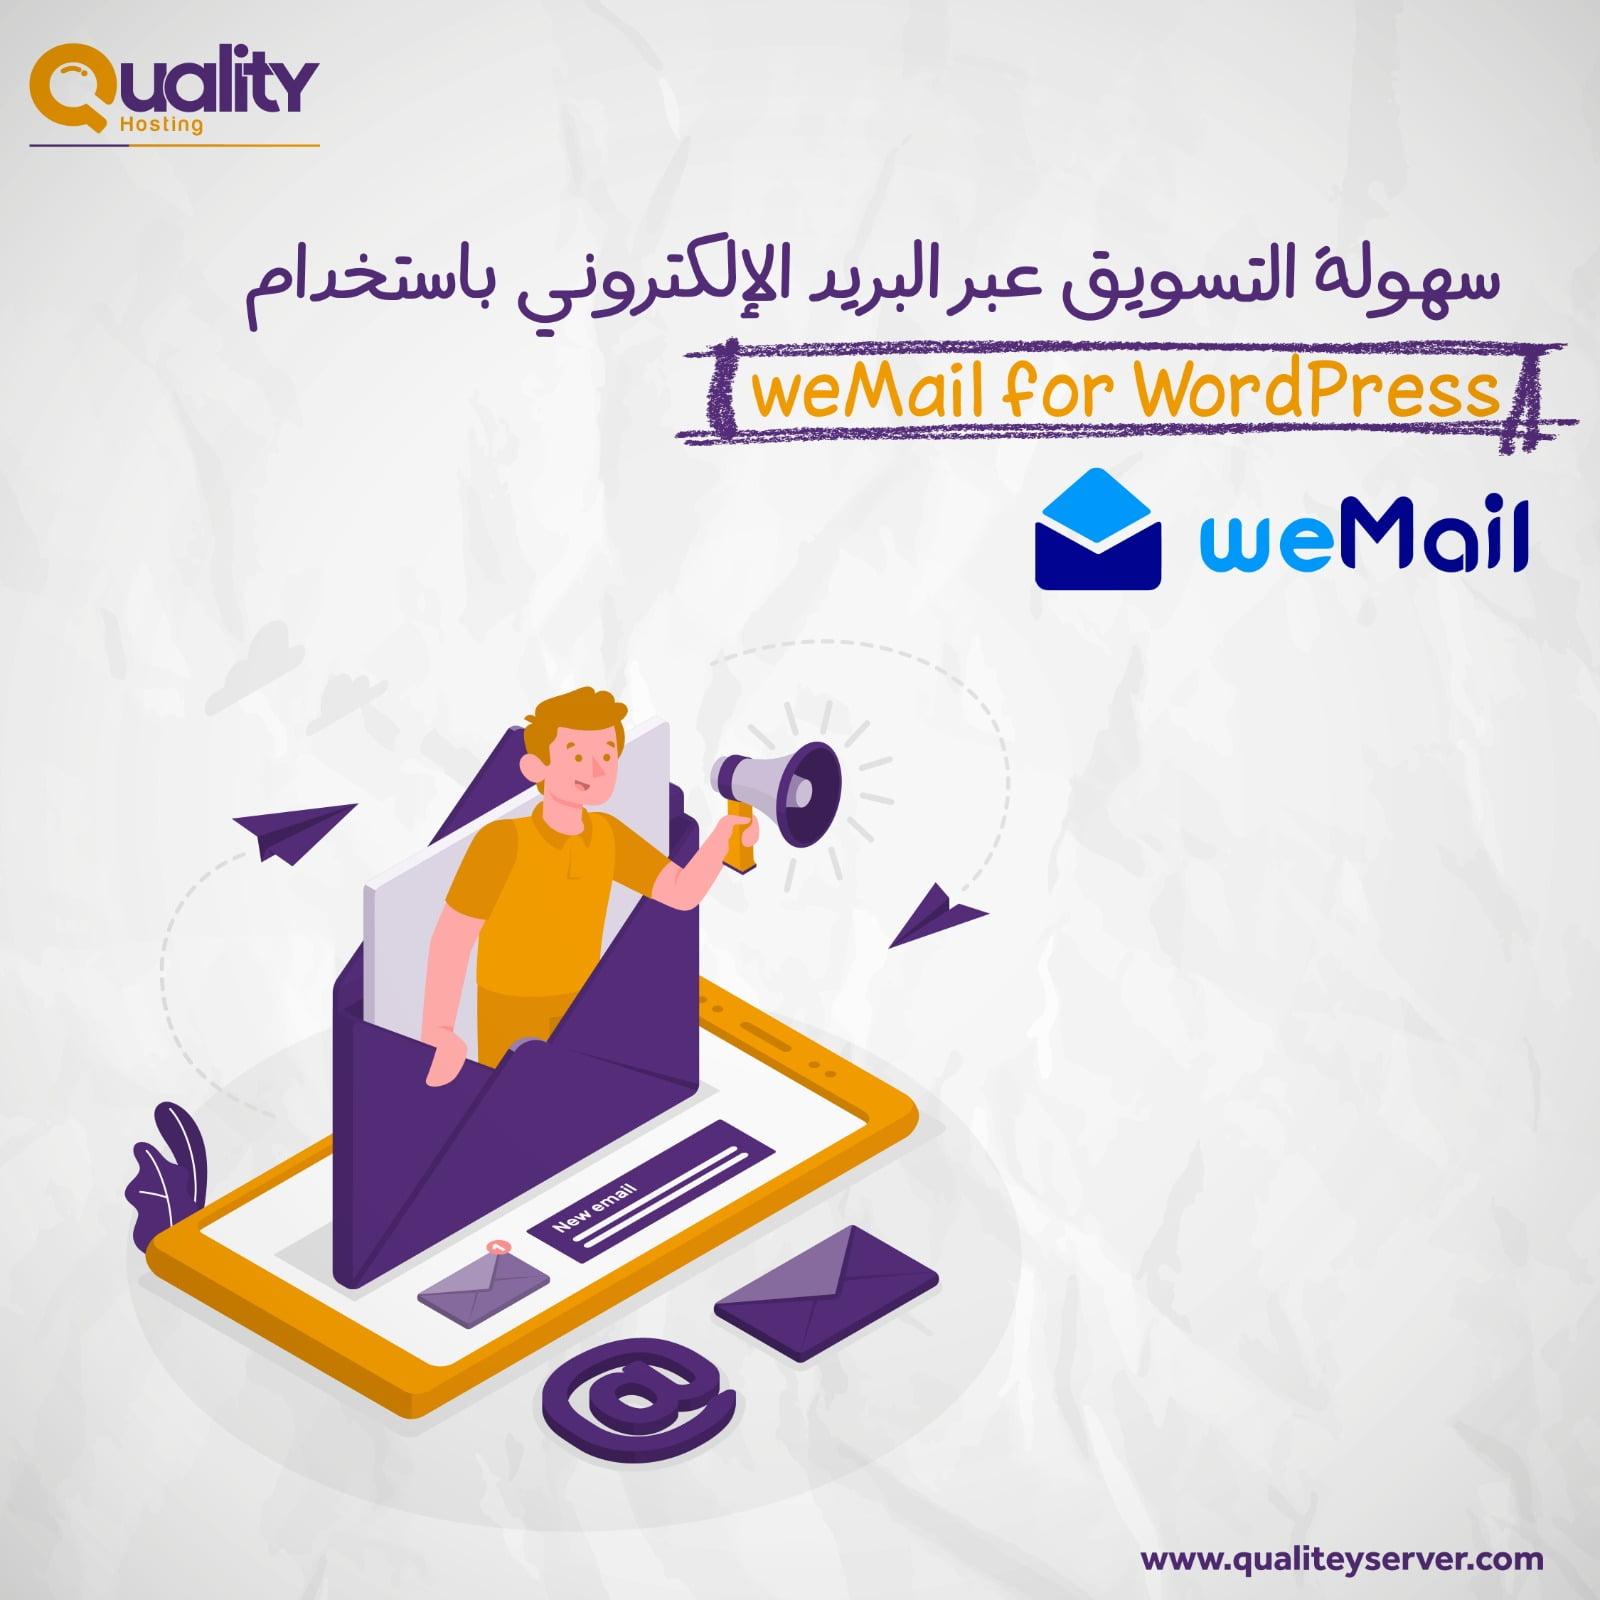 سهولة التسويق عبر البريد الإلكتروني باستخدام weMail for WordPress